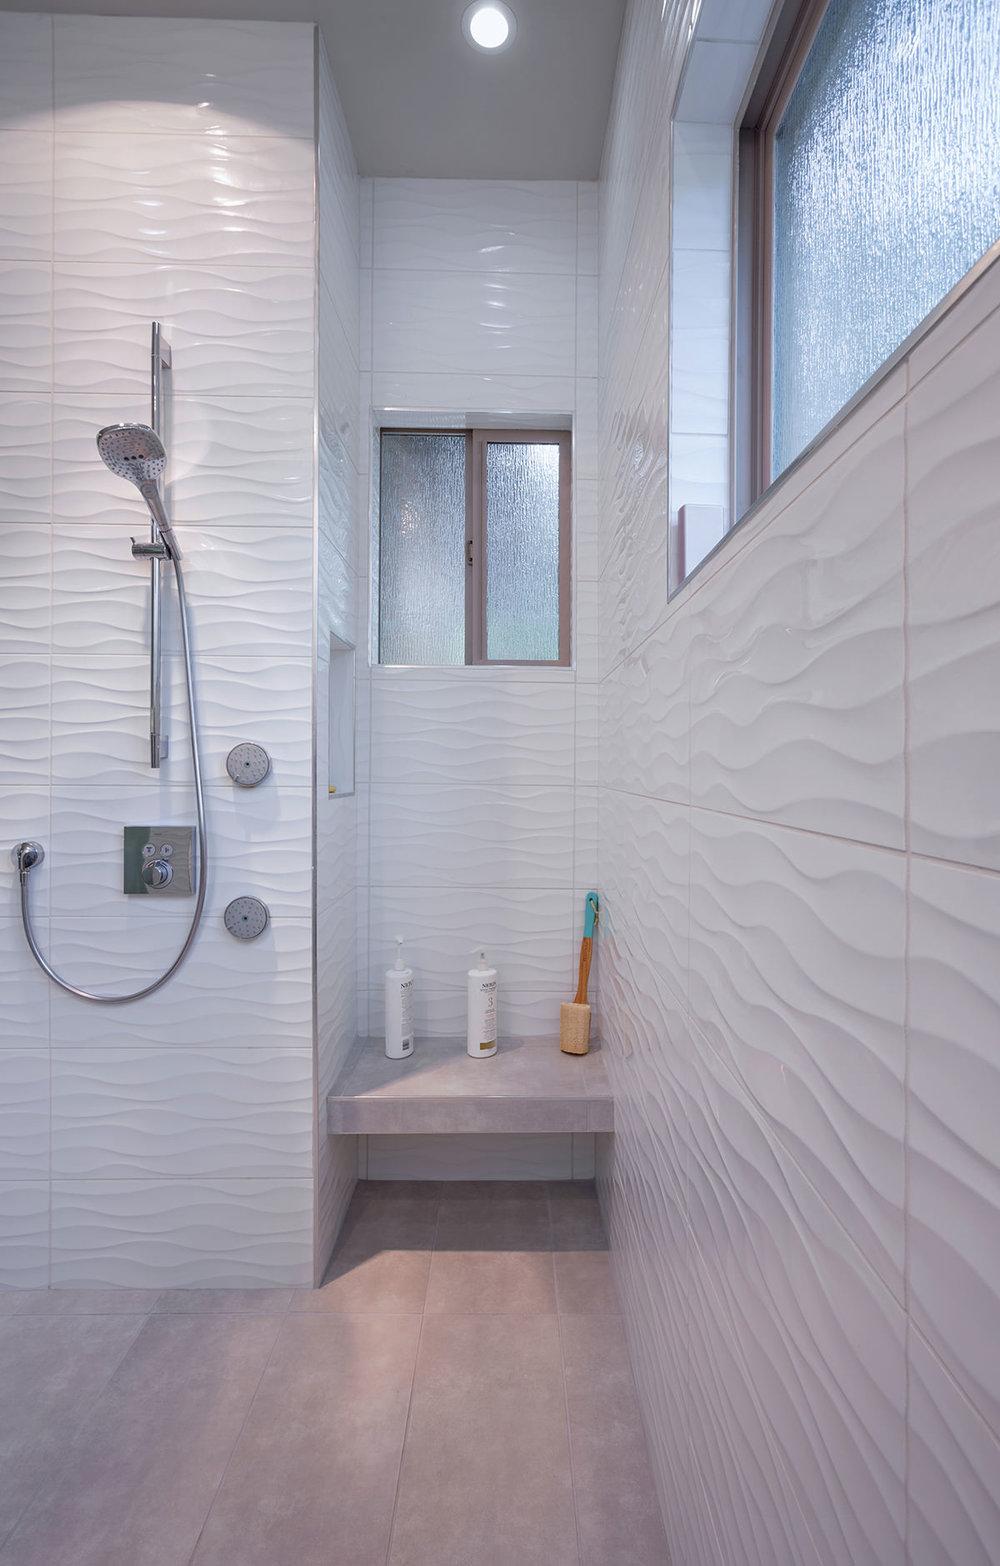 bathroom-interior-design-los-altos-california-ktj-design-co-6.jpg